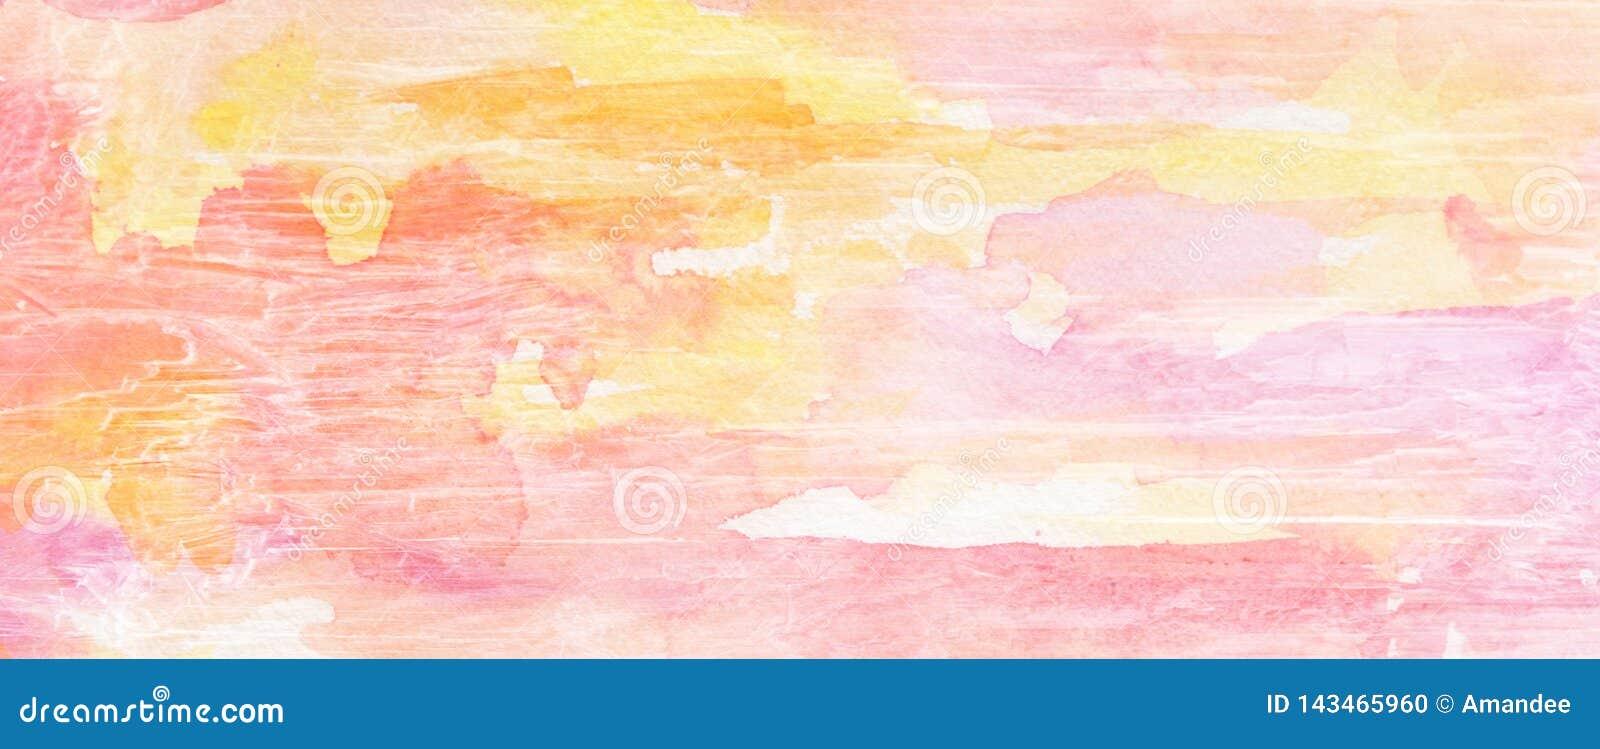 Fondo dipinto con vecchia struttura di legno incrinata e granulare di lerciume in porpora di rosa ed arancio gialli